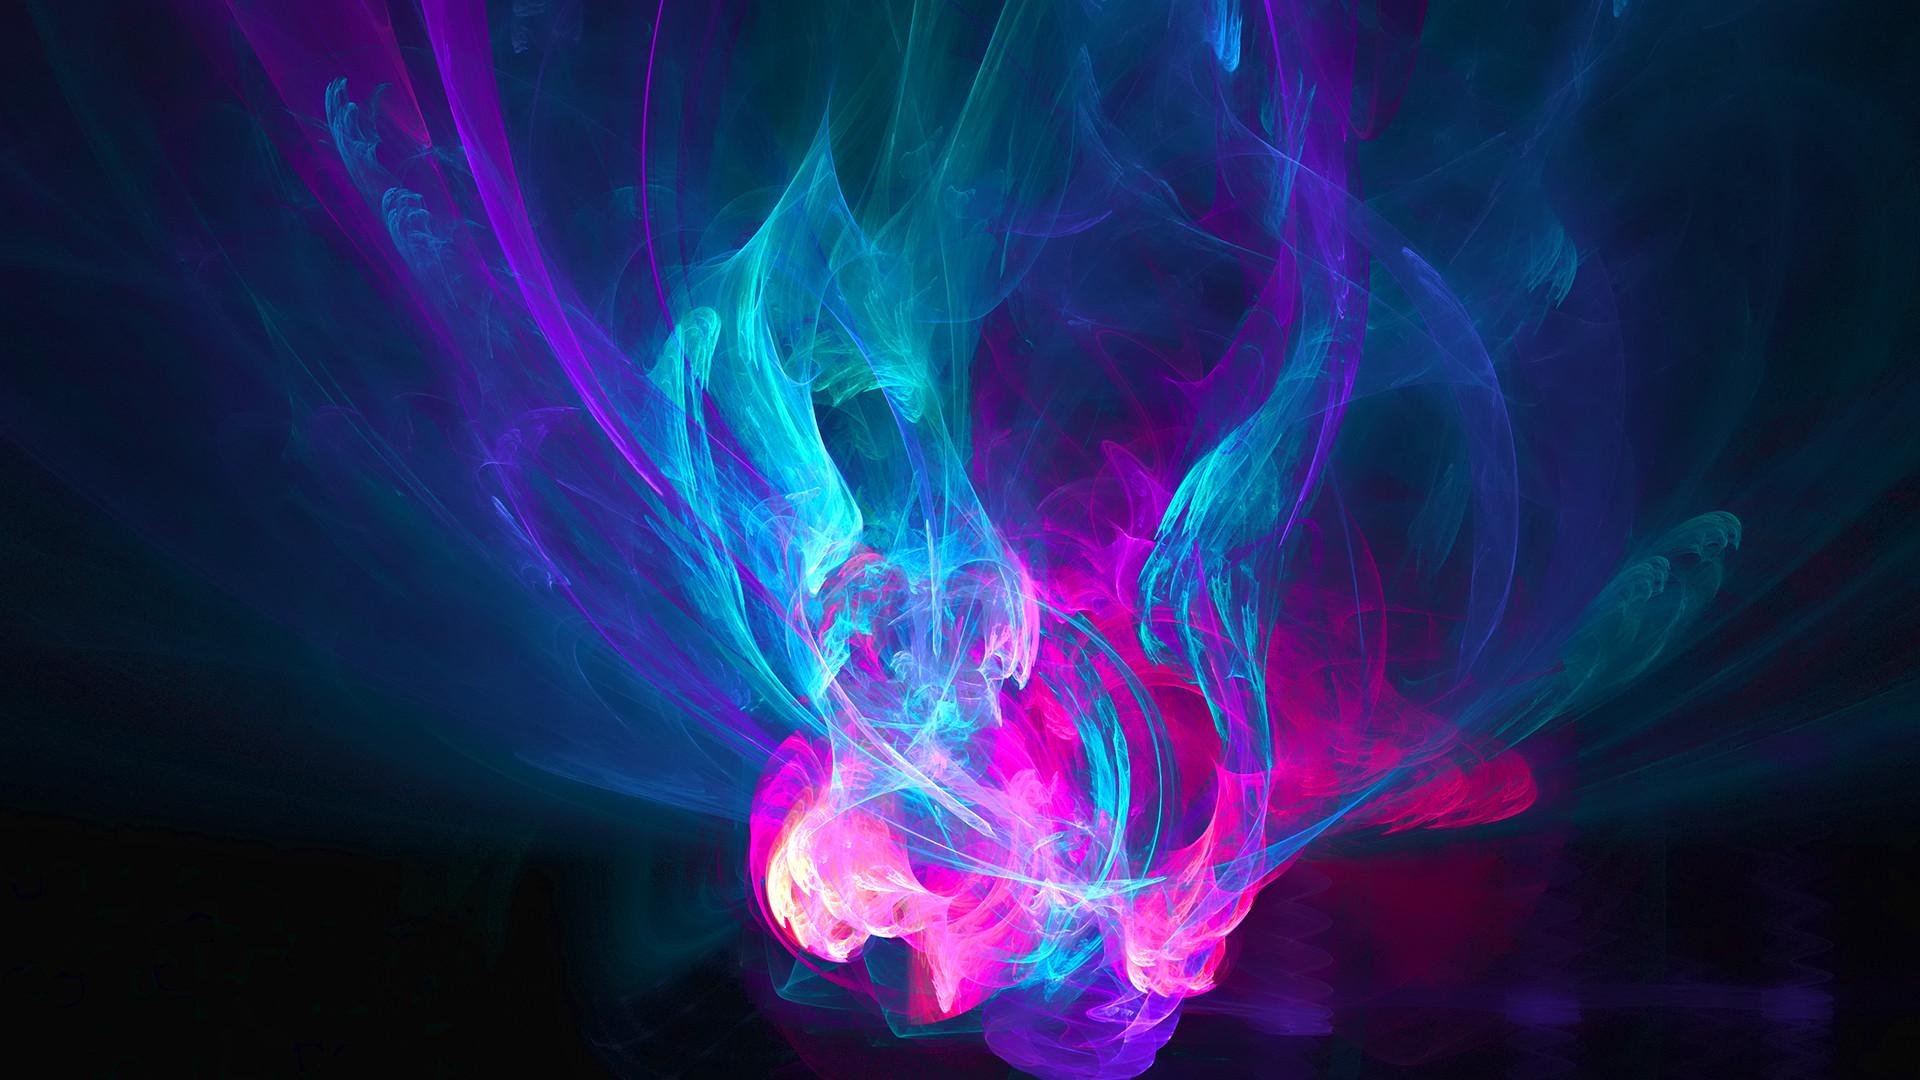 Purple HD Wallpapers | Blue Purple Pink | Pinterest | Hd wallpaper, Purple  and Wallpaper